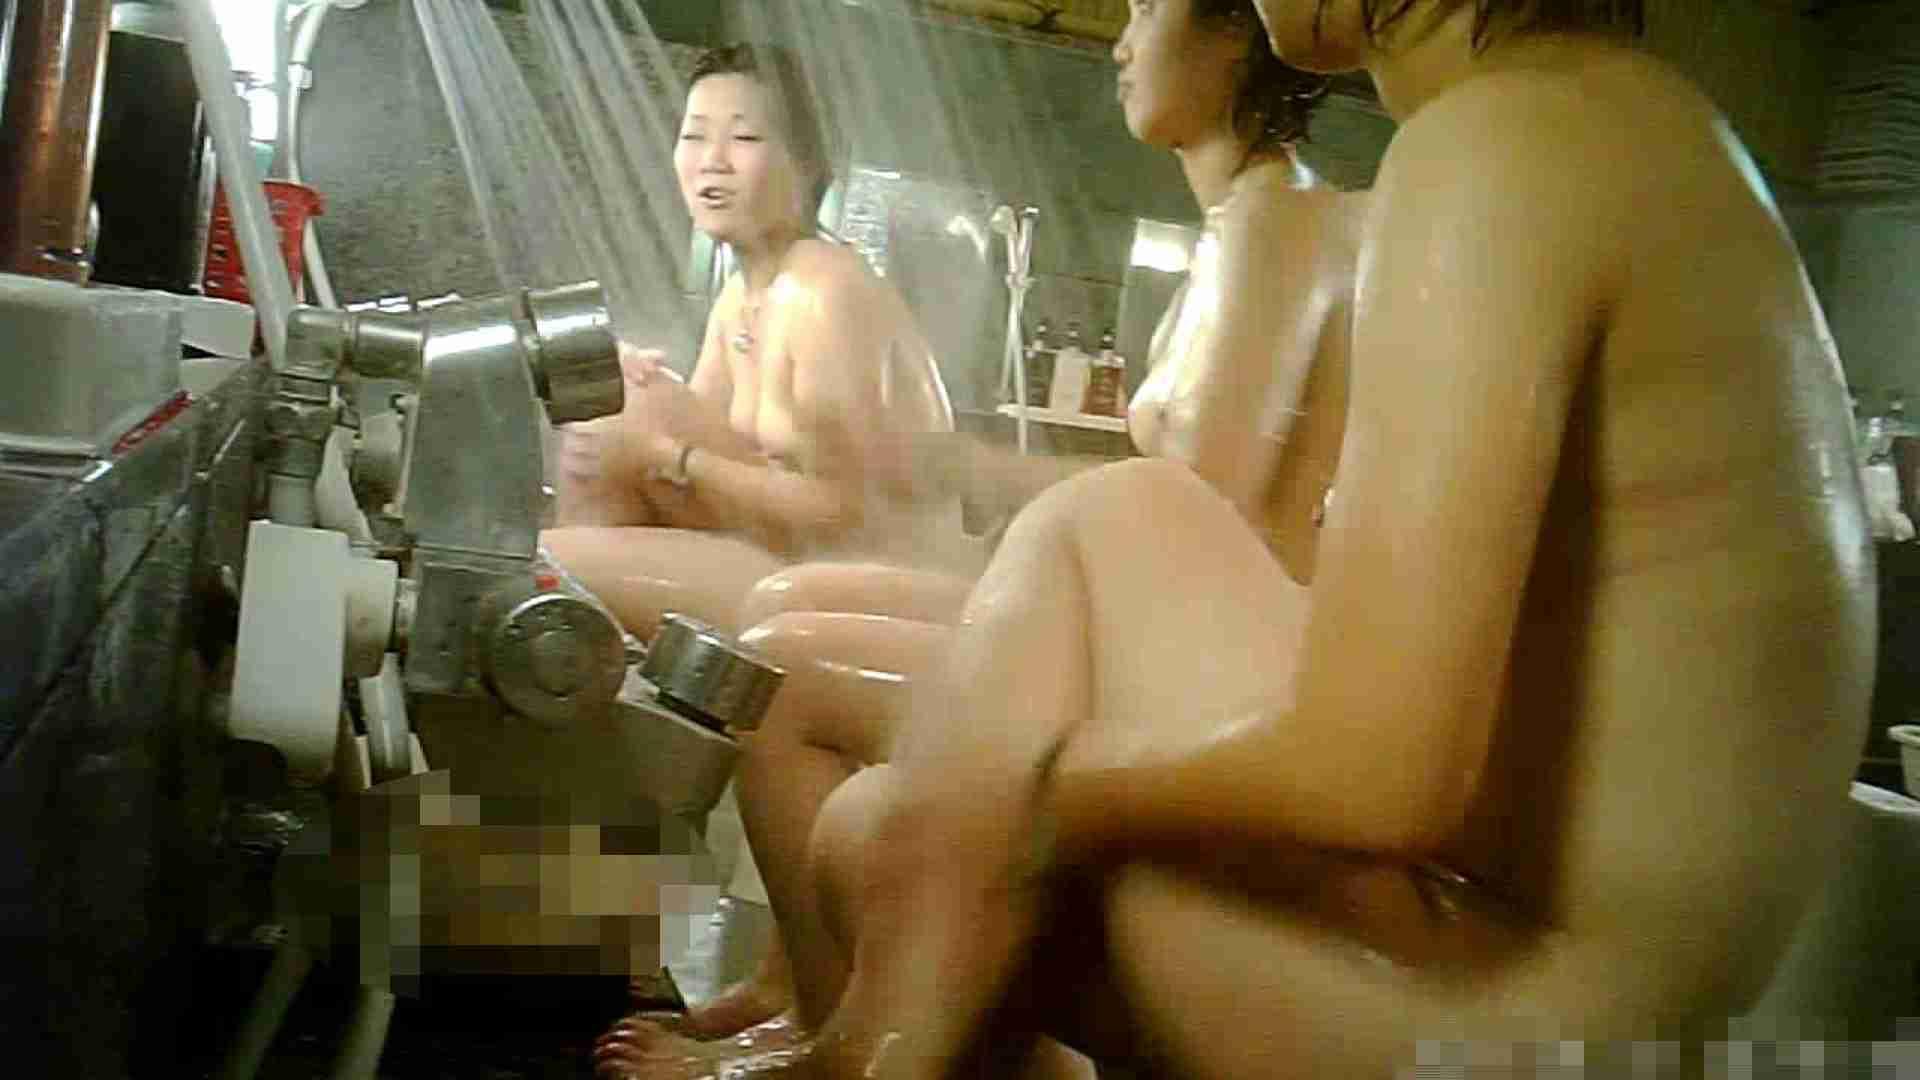 手を染めてしまった女性盗撮師の女風呂潜入記 vol.006 銭湯 ヌード画像 100PIX 83